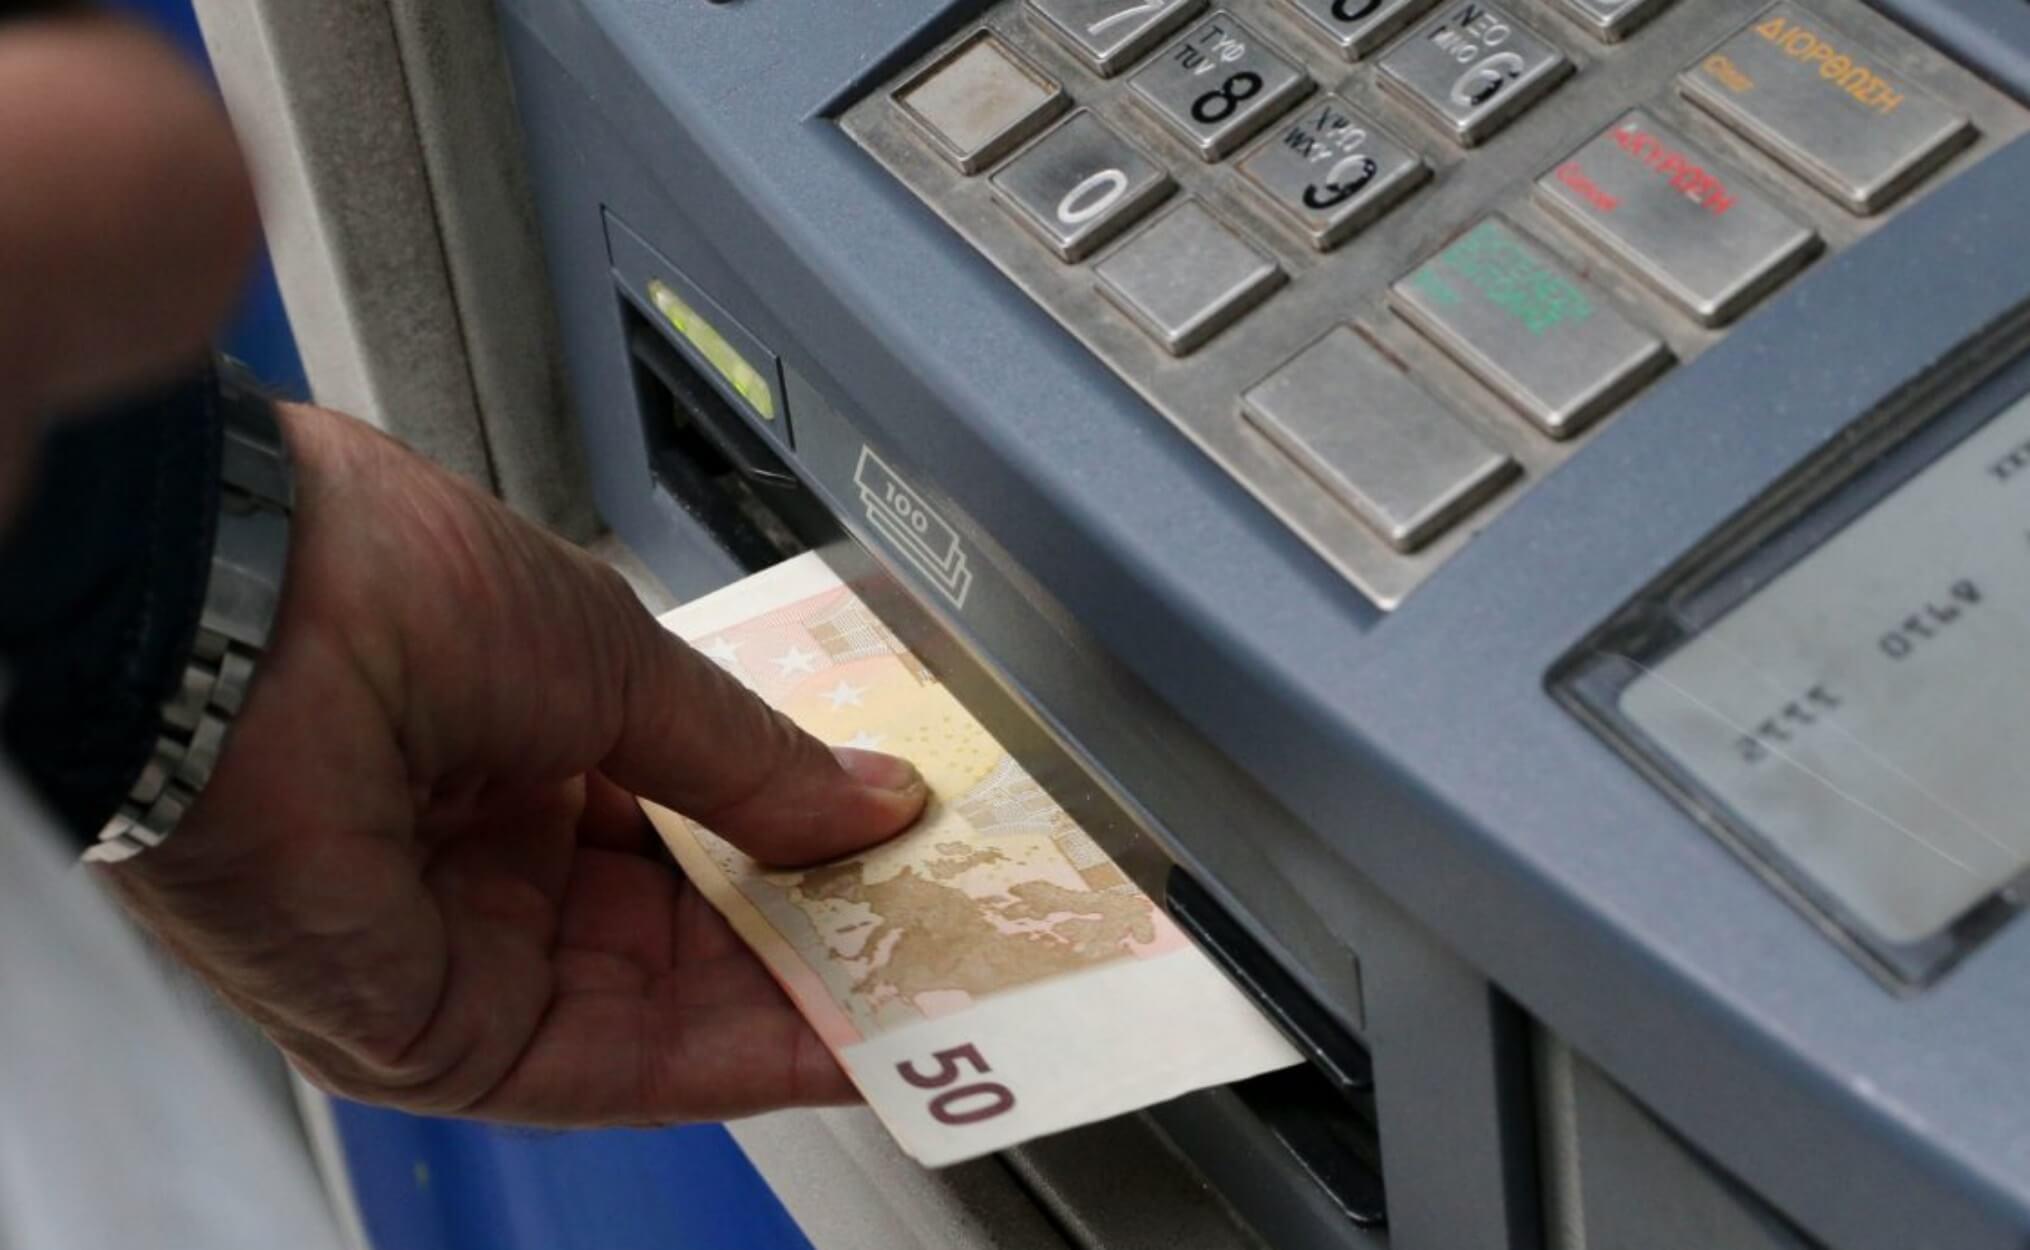 Πληρωμή συντάξεων Μαρτίου 2019 – Πότε πληρώνονται σε Δημόσιο, ΟΑΕΕ, ΟΓΑ, ΝΑΤ, ΙΚΑ